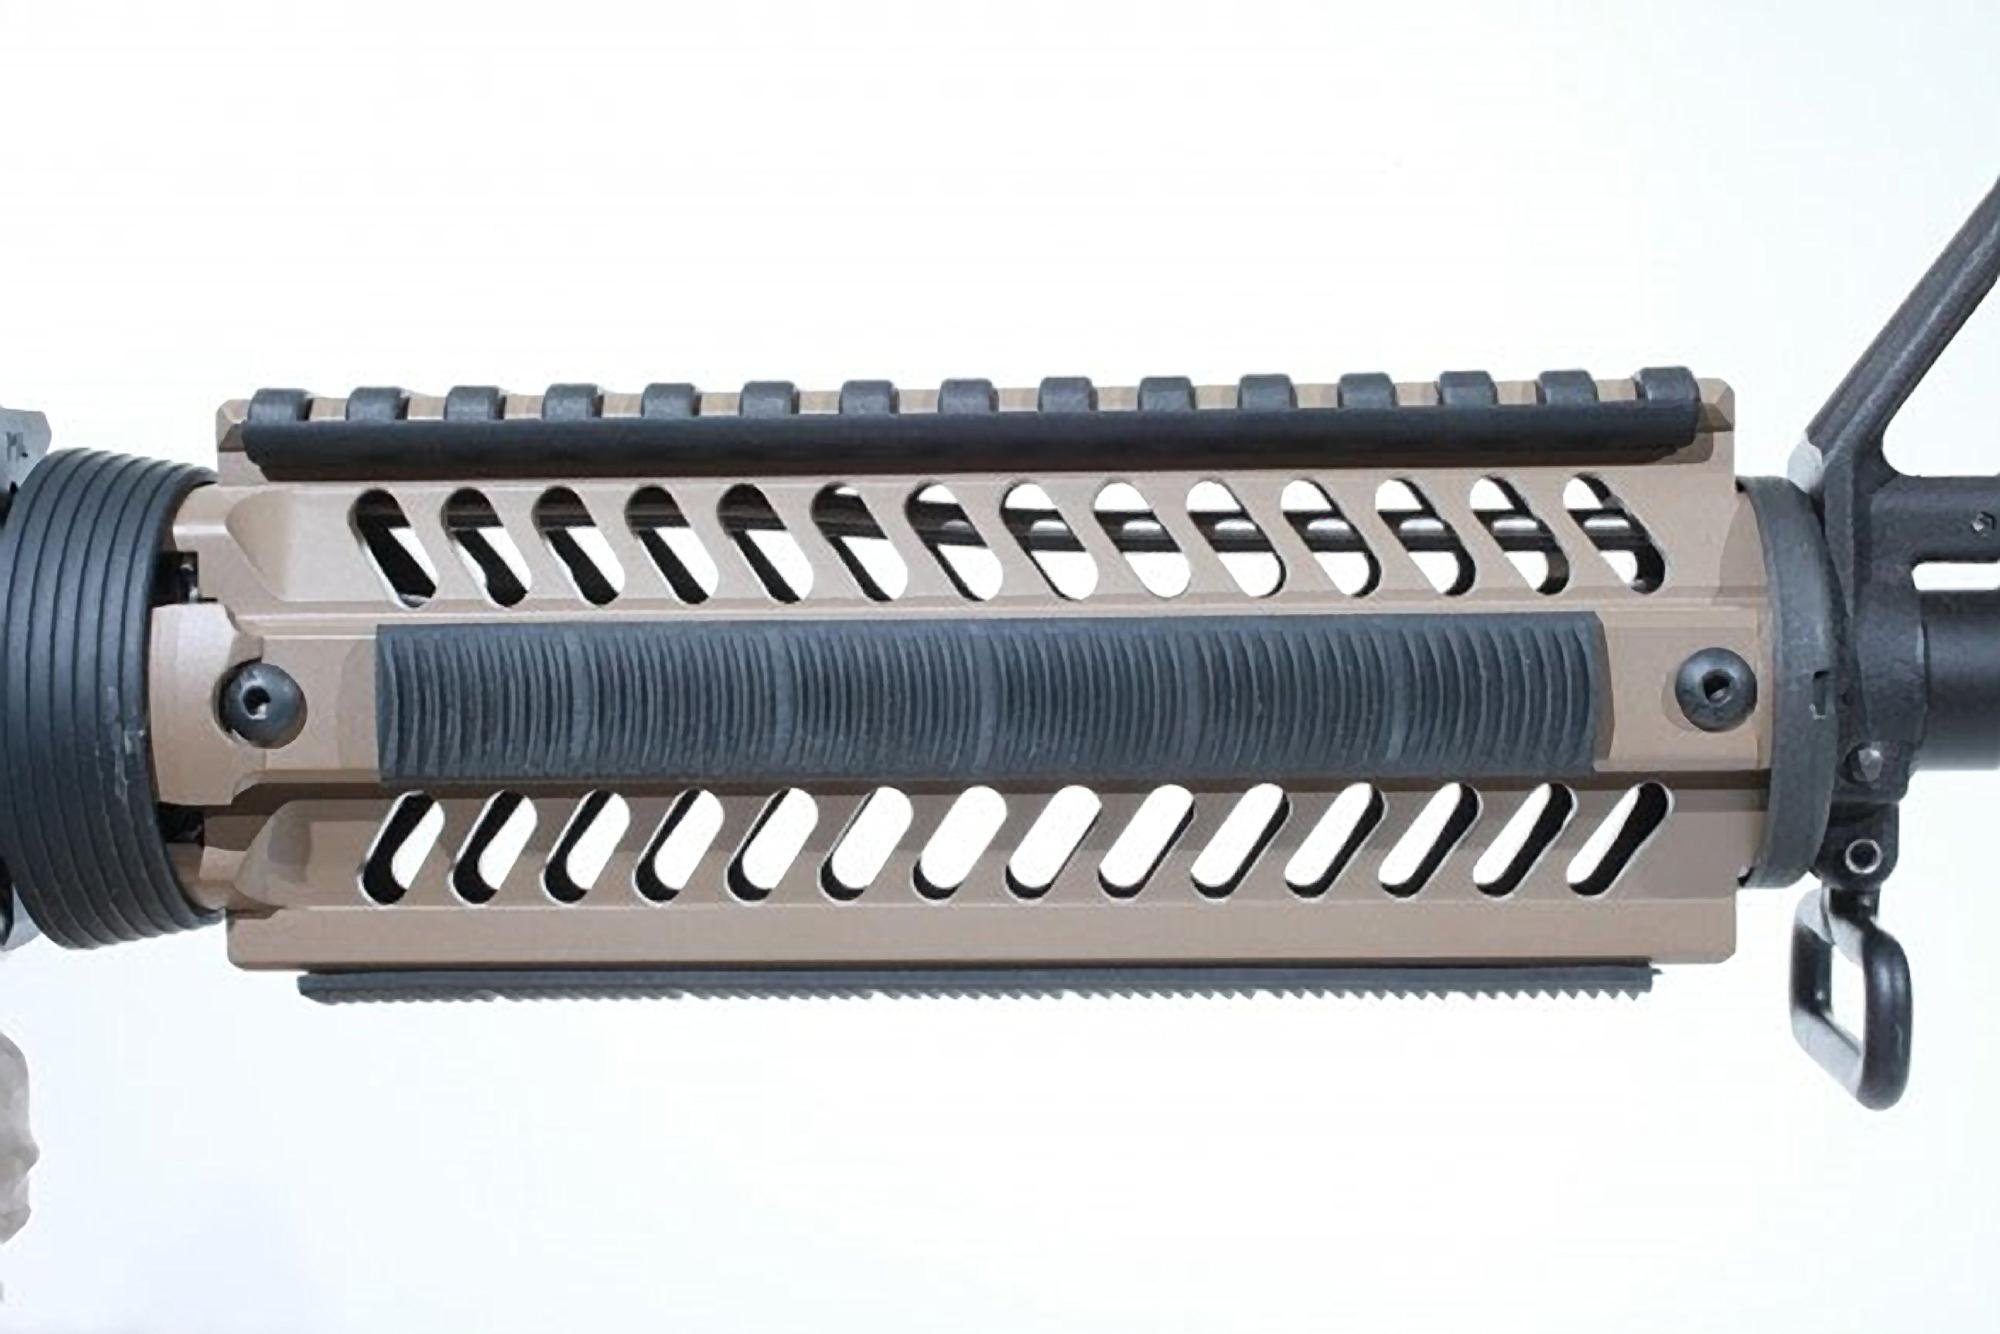 ERGO WedgeLok 7-Slot KeyMod Rail Covers 4 Pack - Black EG4330-4PK-BK